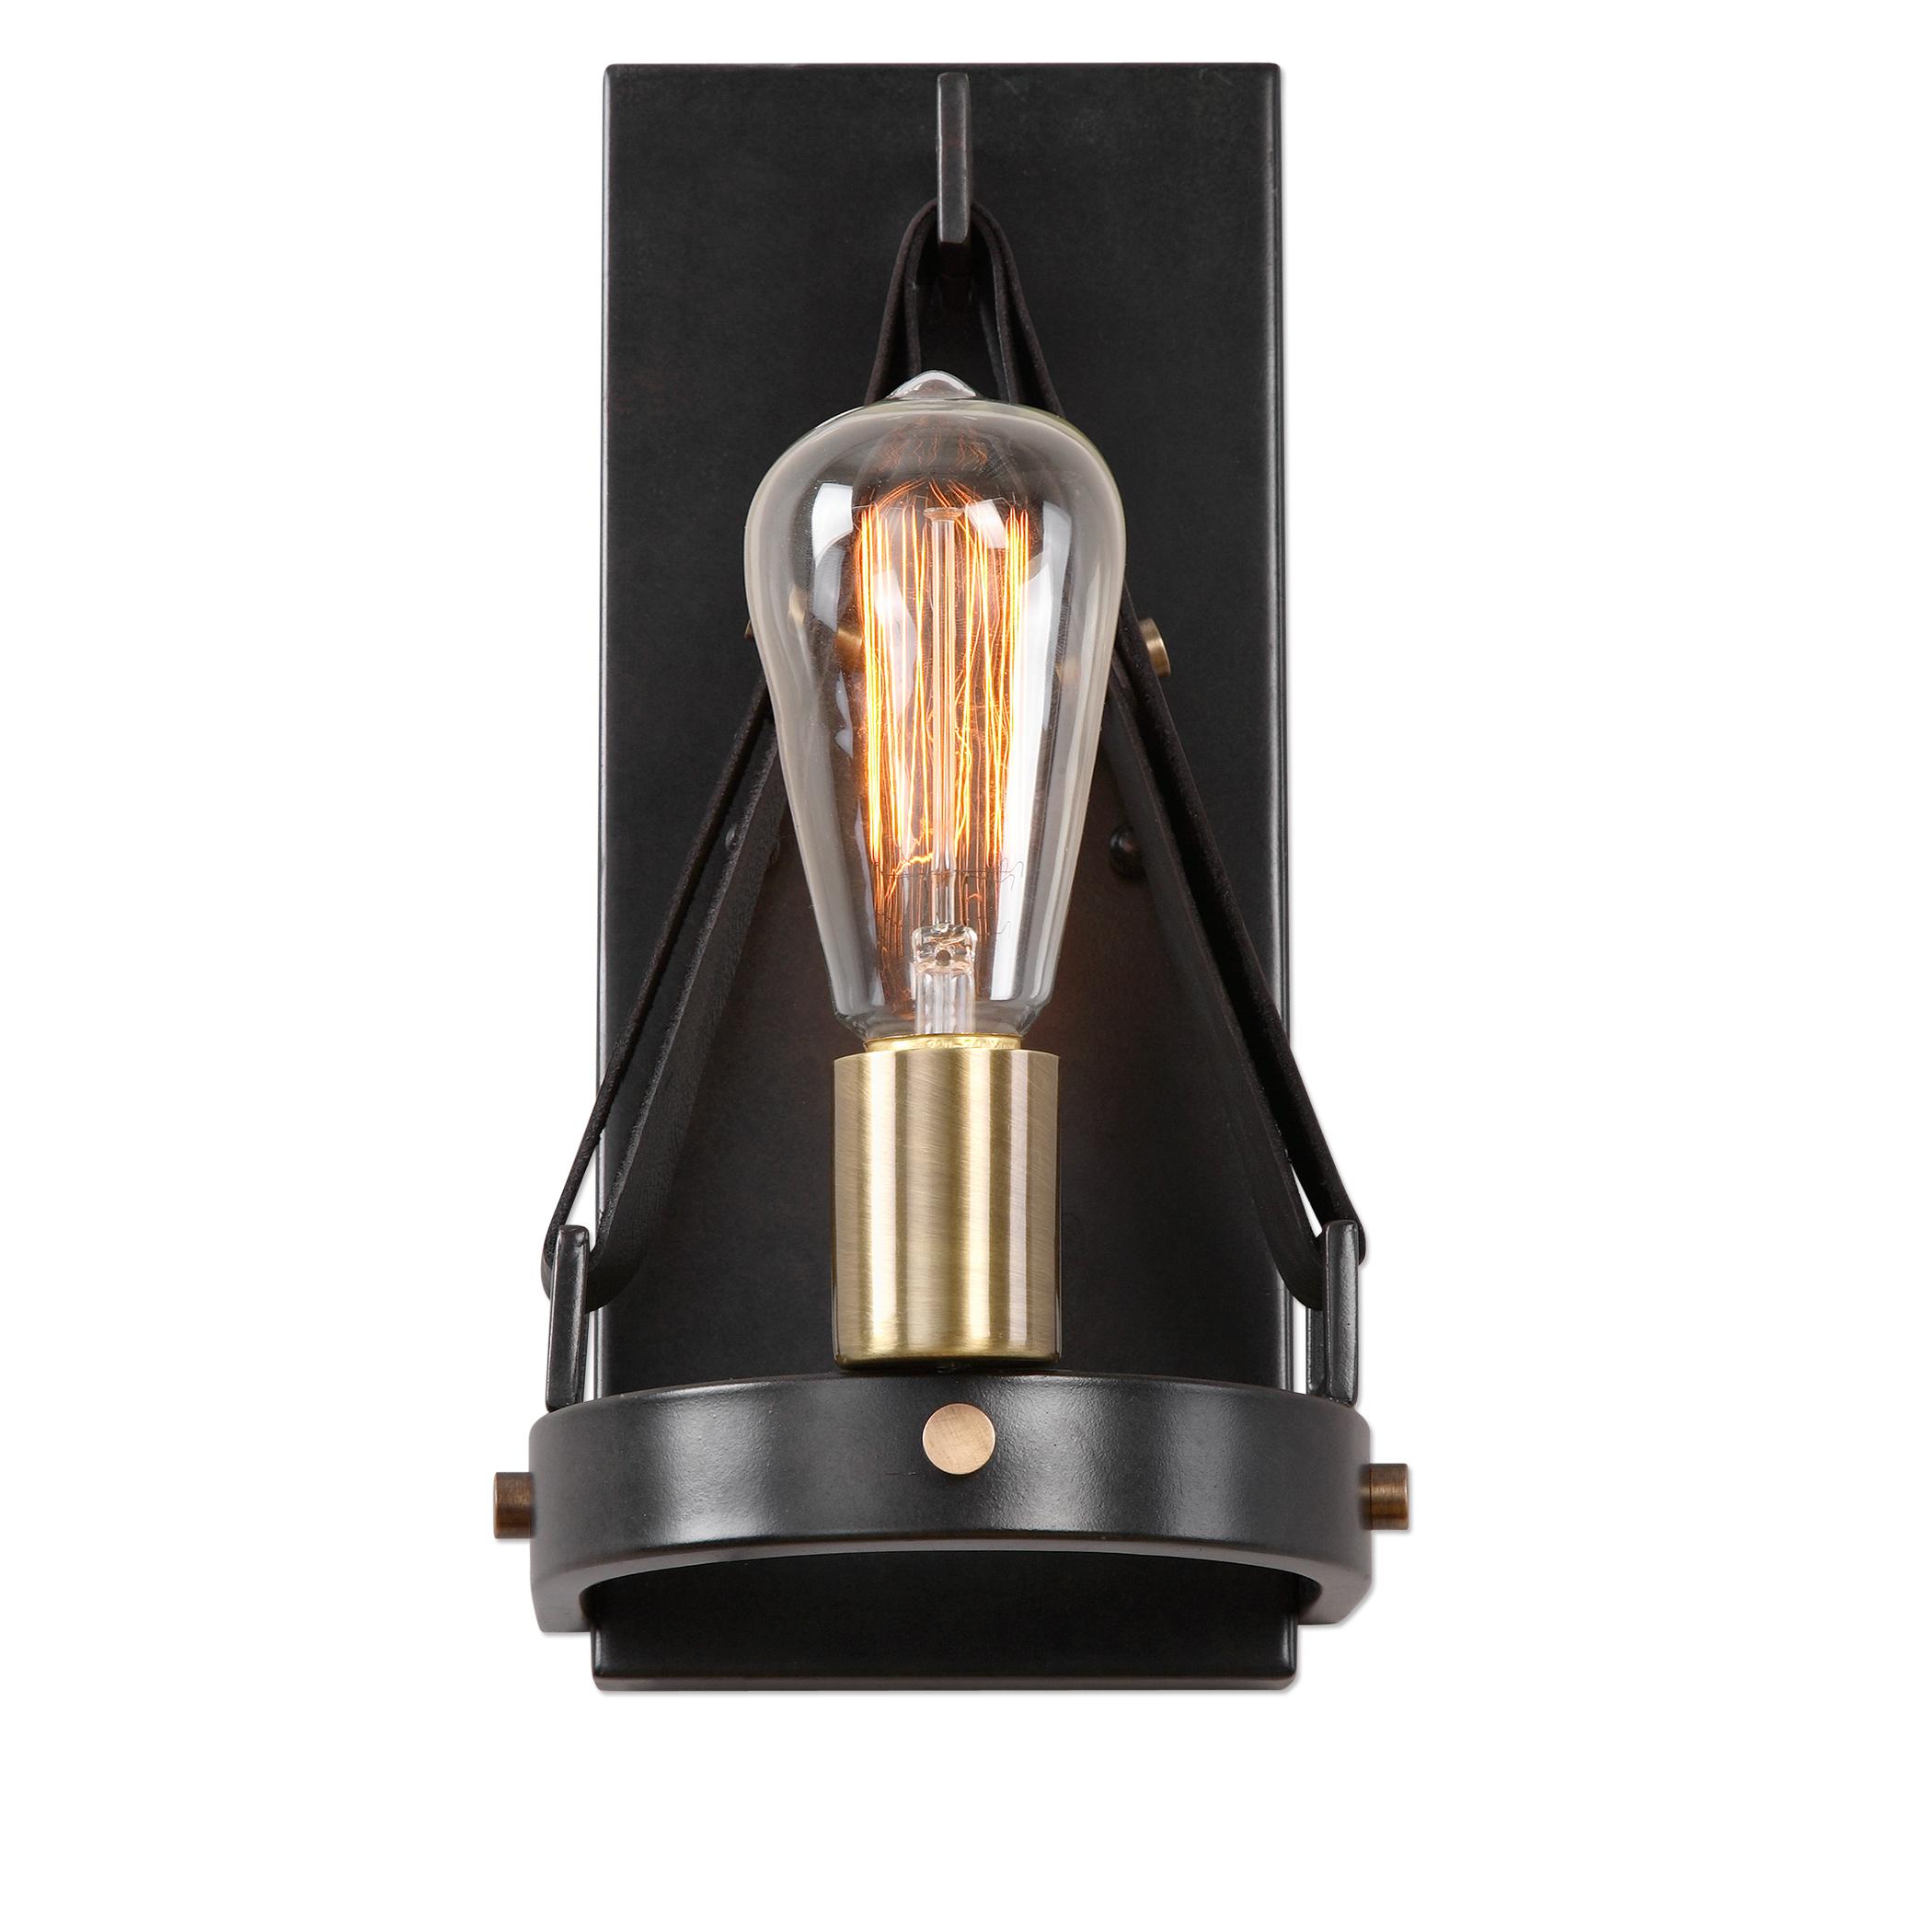 Uttermost Lighting Fixtures Marlow 1 Light Dark Bronze Sconce - Item Number: 22502